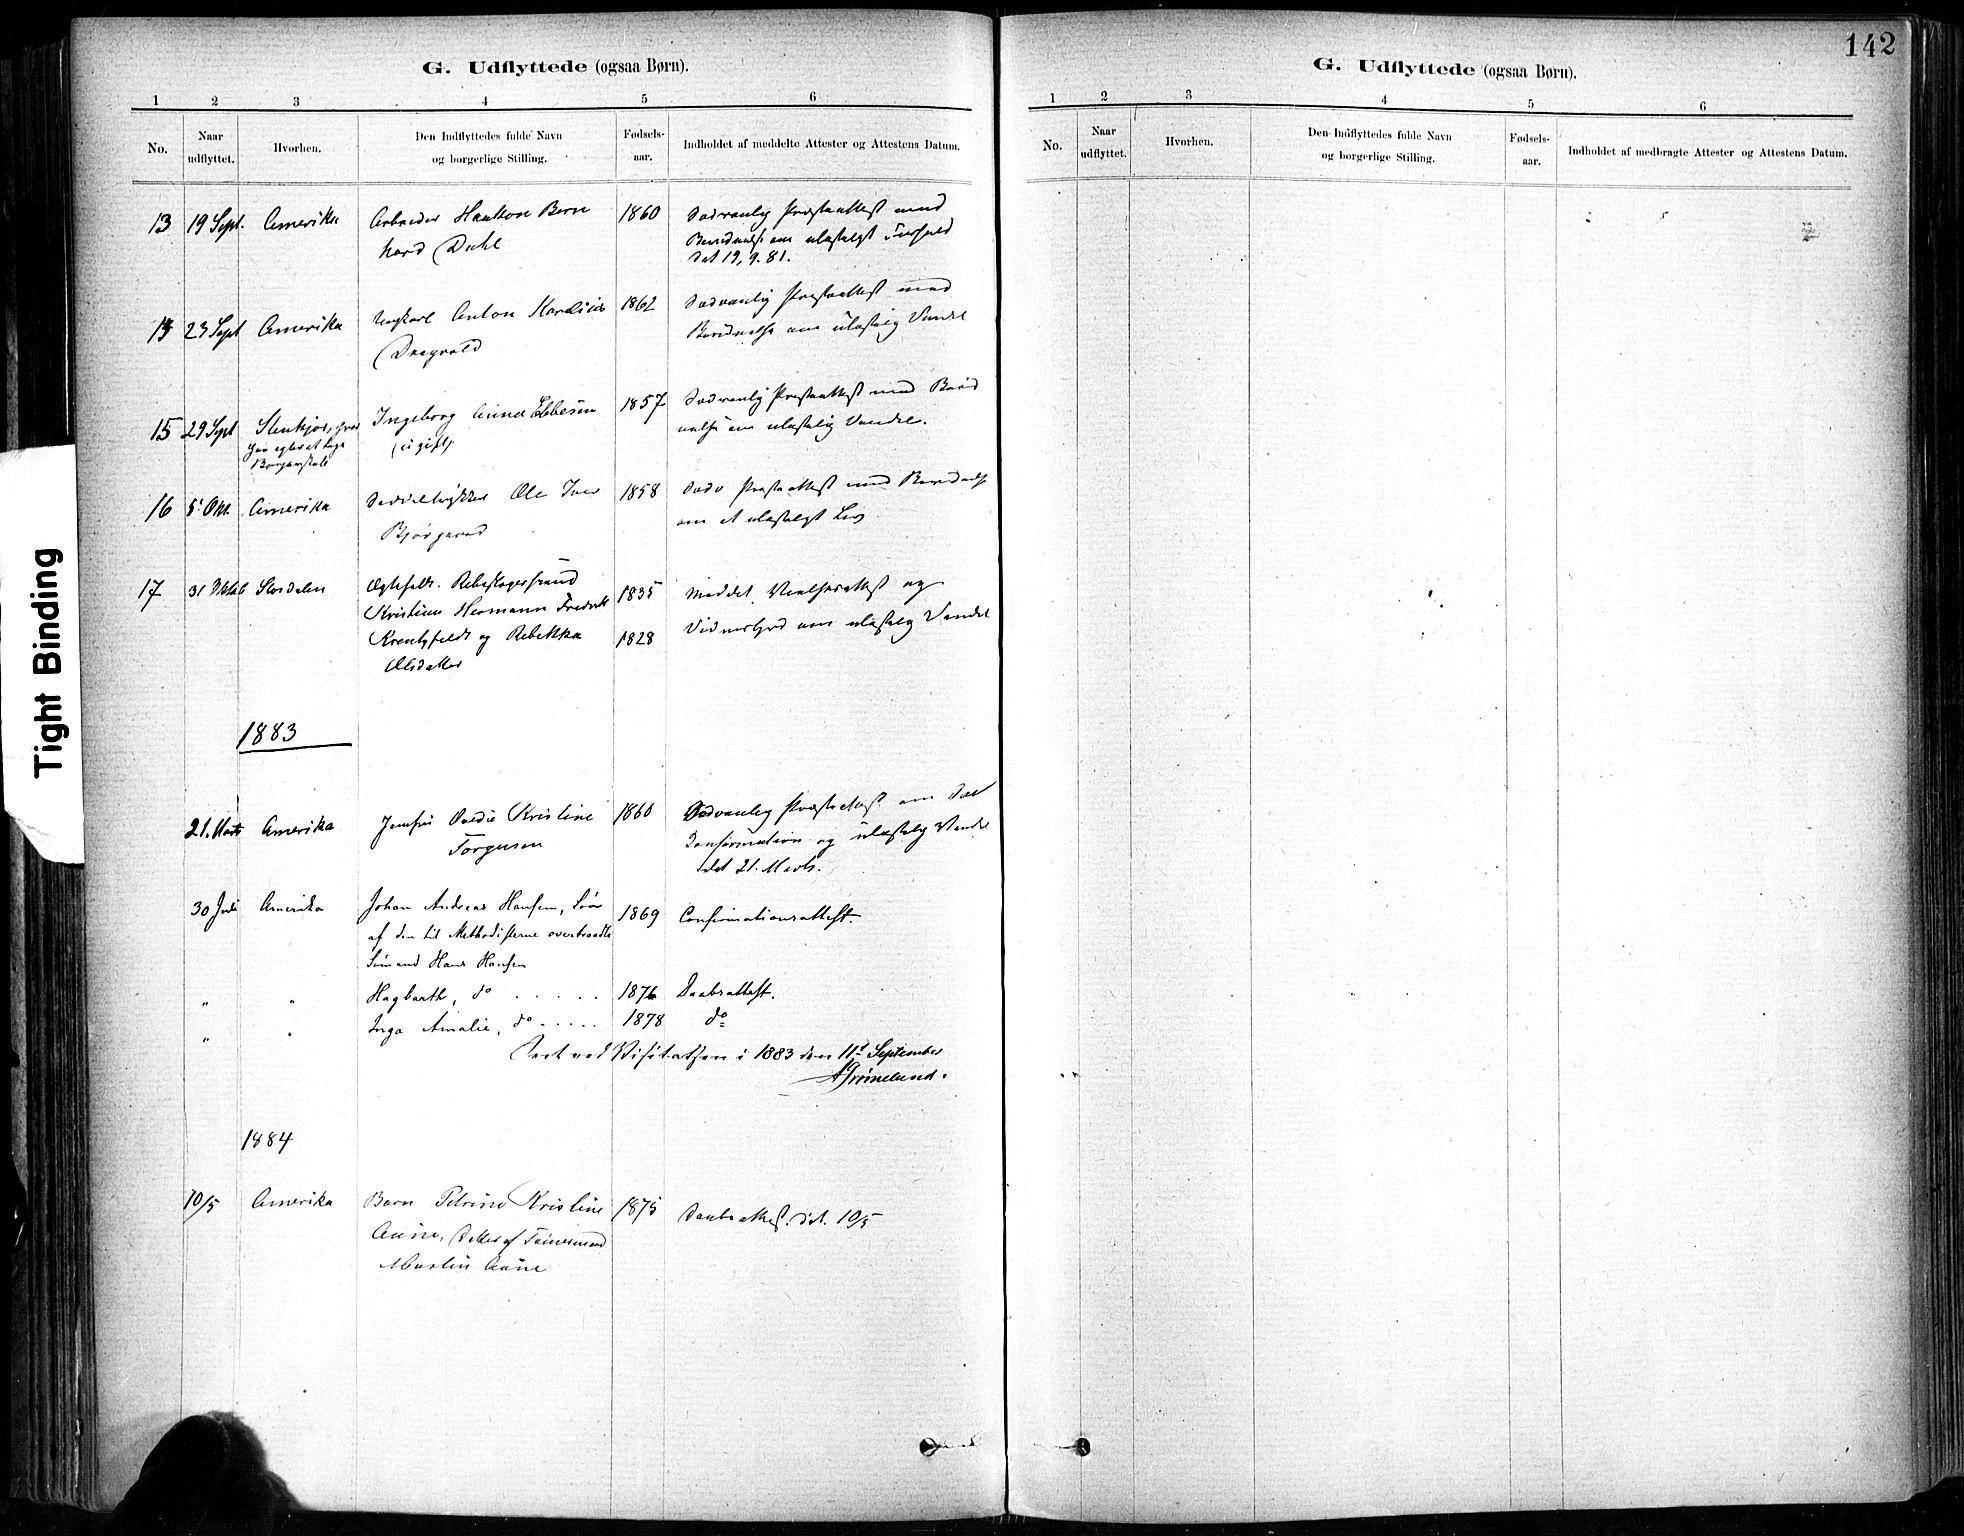 SAT, Ministerialprotokoller, klokkerbøker og fødselsregistre - Sør-Trøndelag, 602/L0120: Ministerialbok nr. 602A18, 1880-1913, s. 142